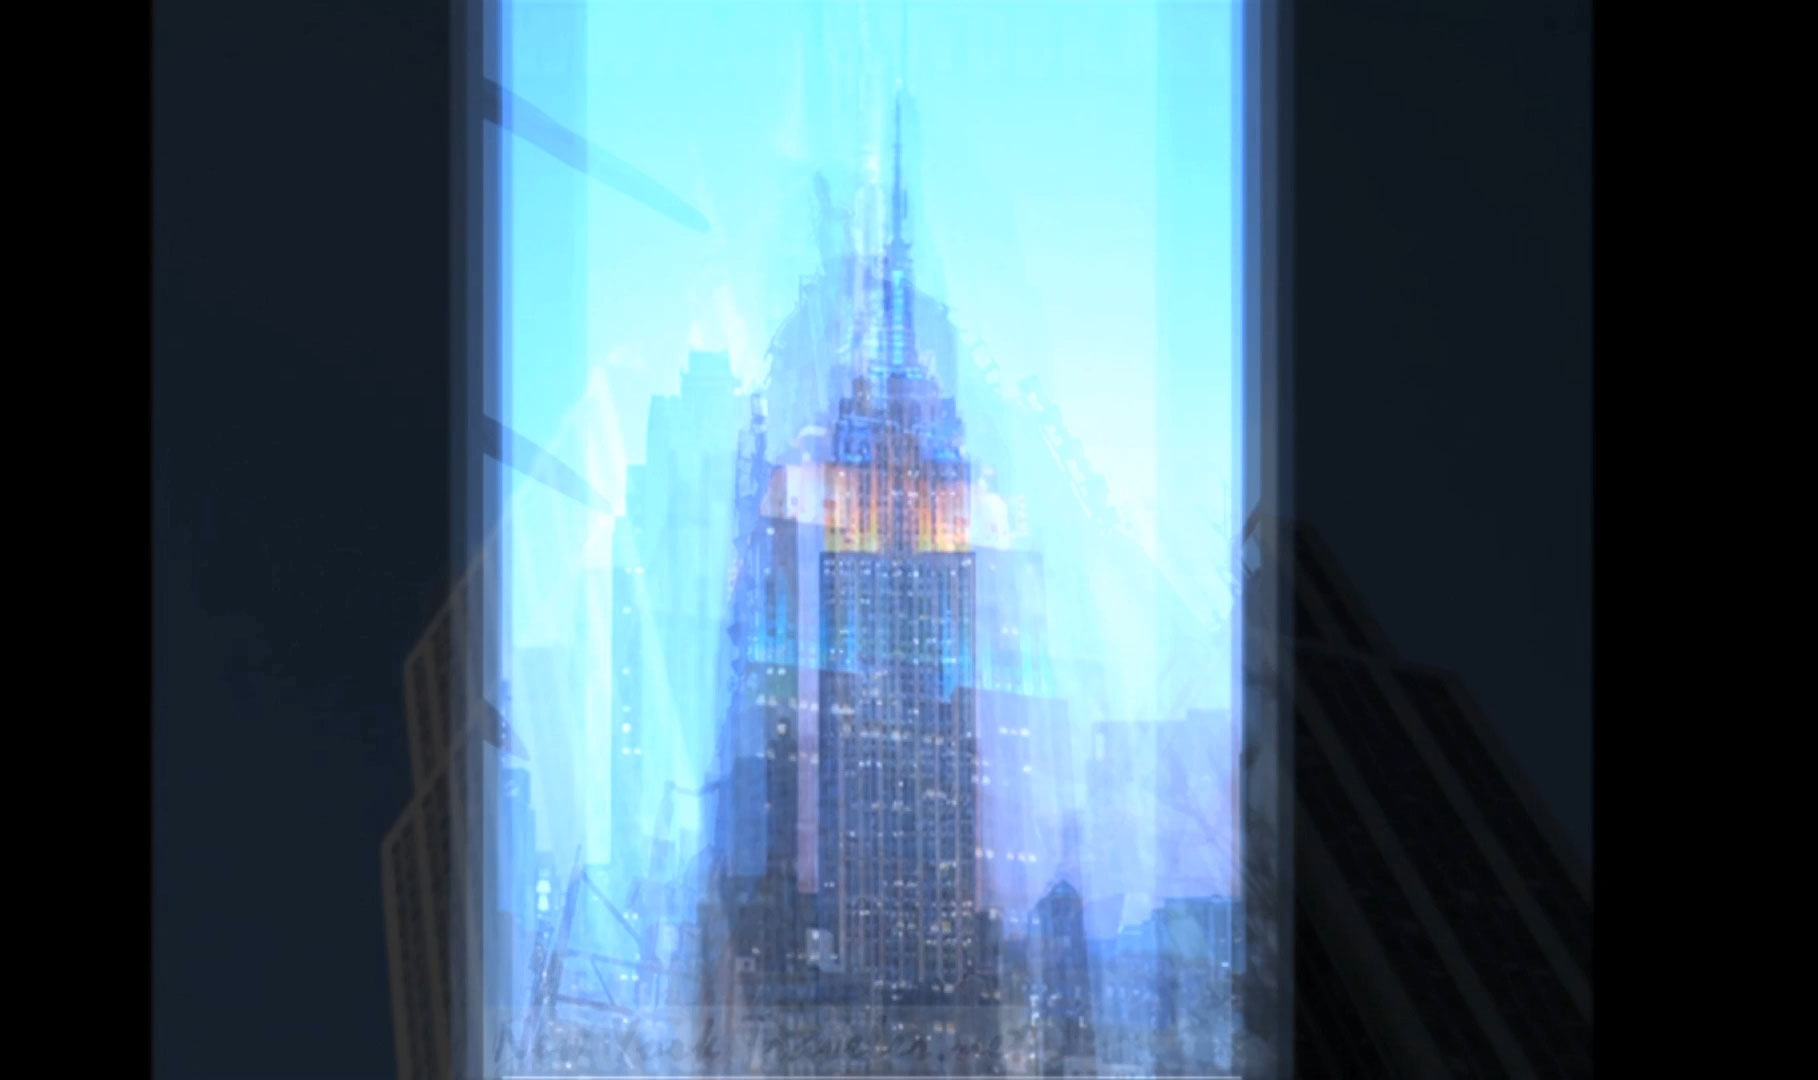 arrêt sur image de Blue Empire New York Babel Billboard, 2013, Jocelyn Robert, Vidéogramme couleur, 8 min. 34 sec., bande son stéréophonique, Édition de 5, E.A..